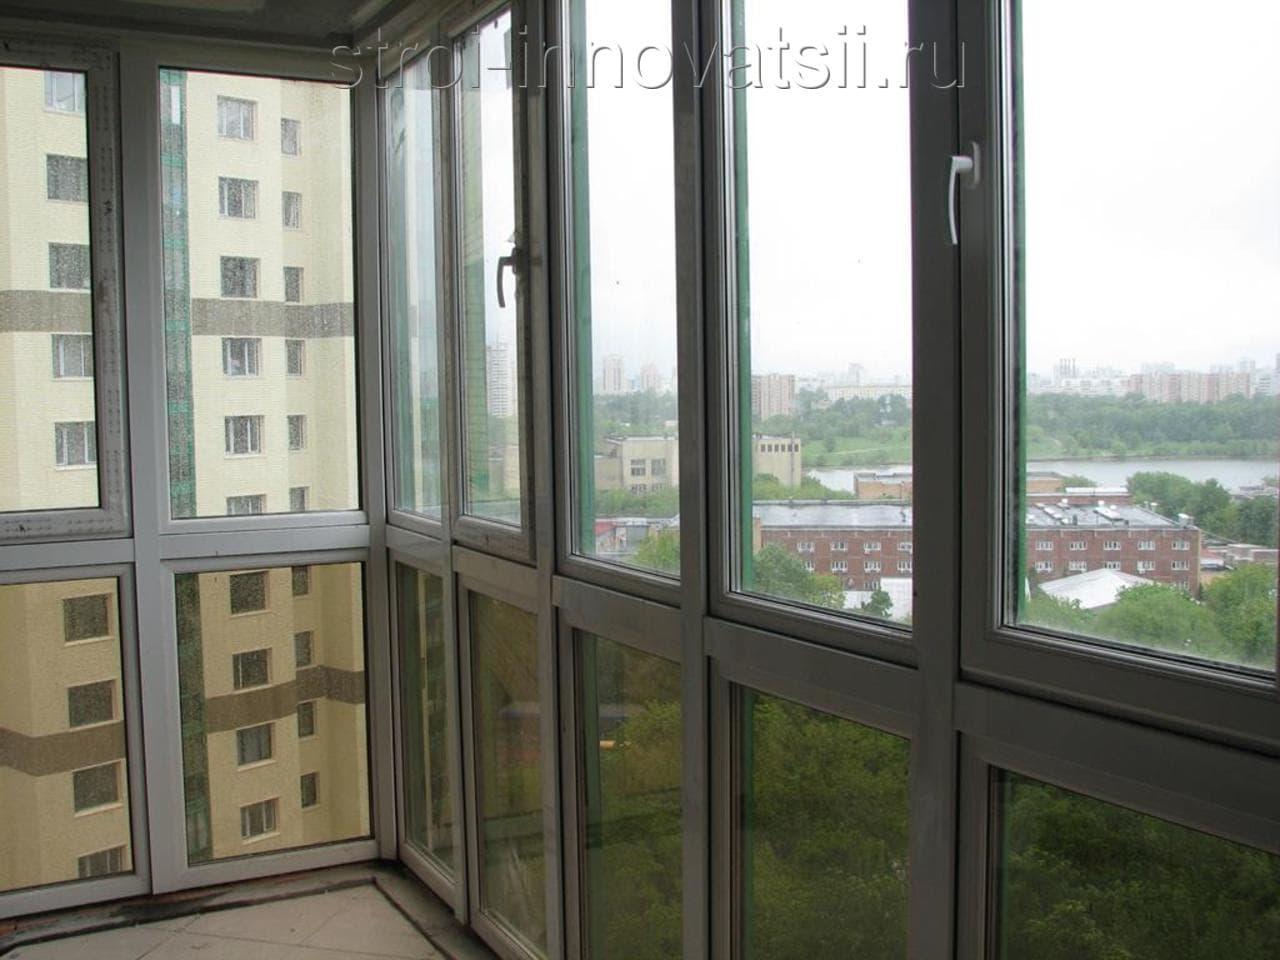 Панорамное остекление балконов и лоджий: преимущества и недо.